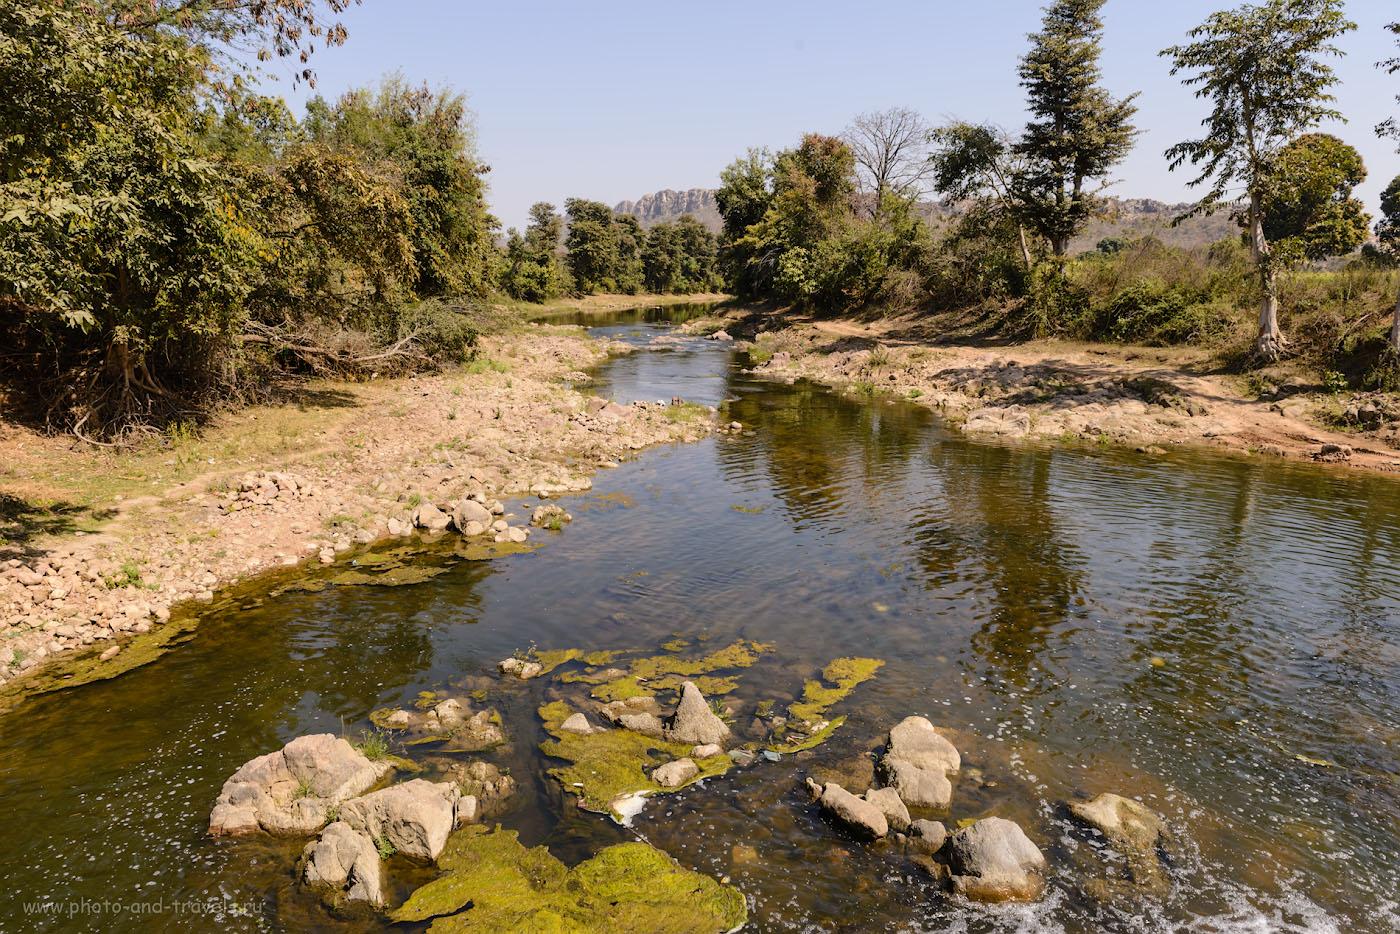 Фотография 23. Выглядит эта речка Khudar River терпимо. Но знали бы вы, какая там вонь стоит! Отзыв о велопоходе по окрестностям Кхаджурахо. 1/160, 9.0, 100, 24.